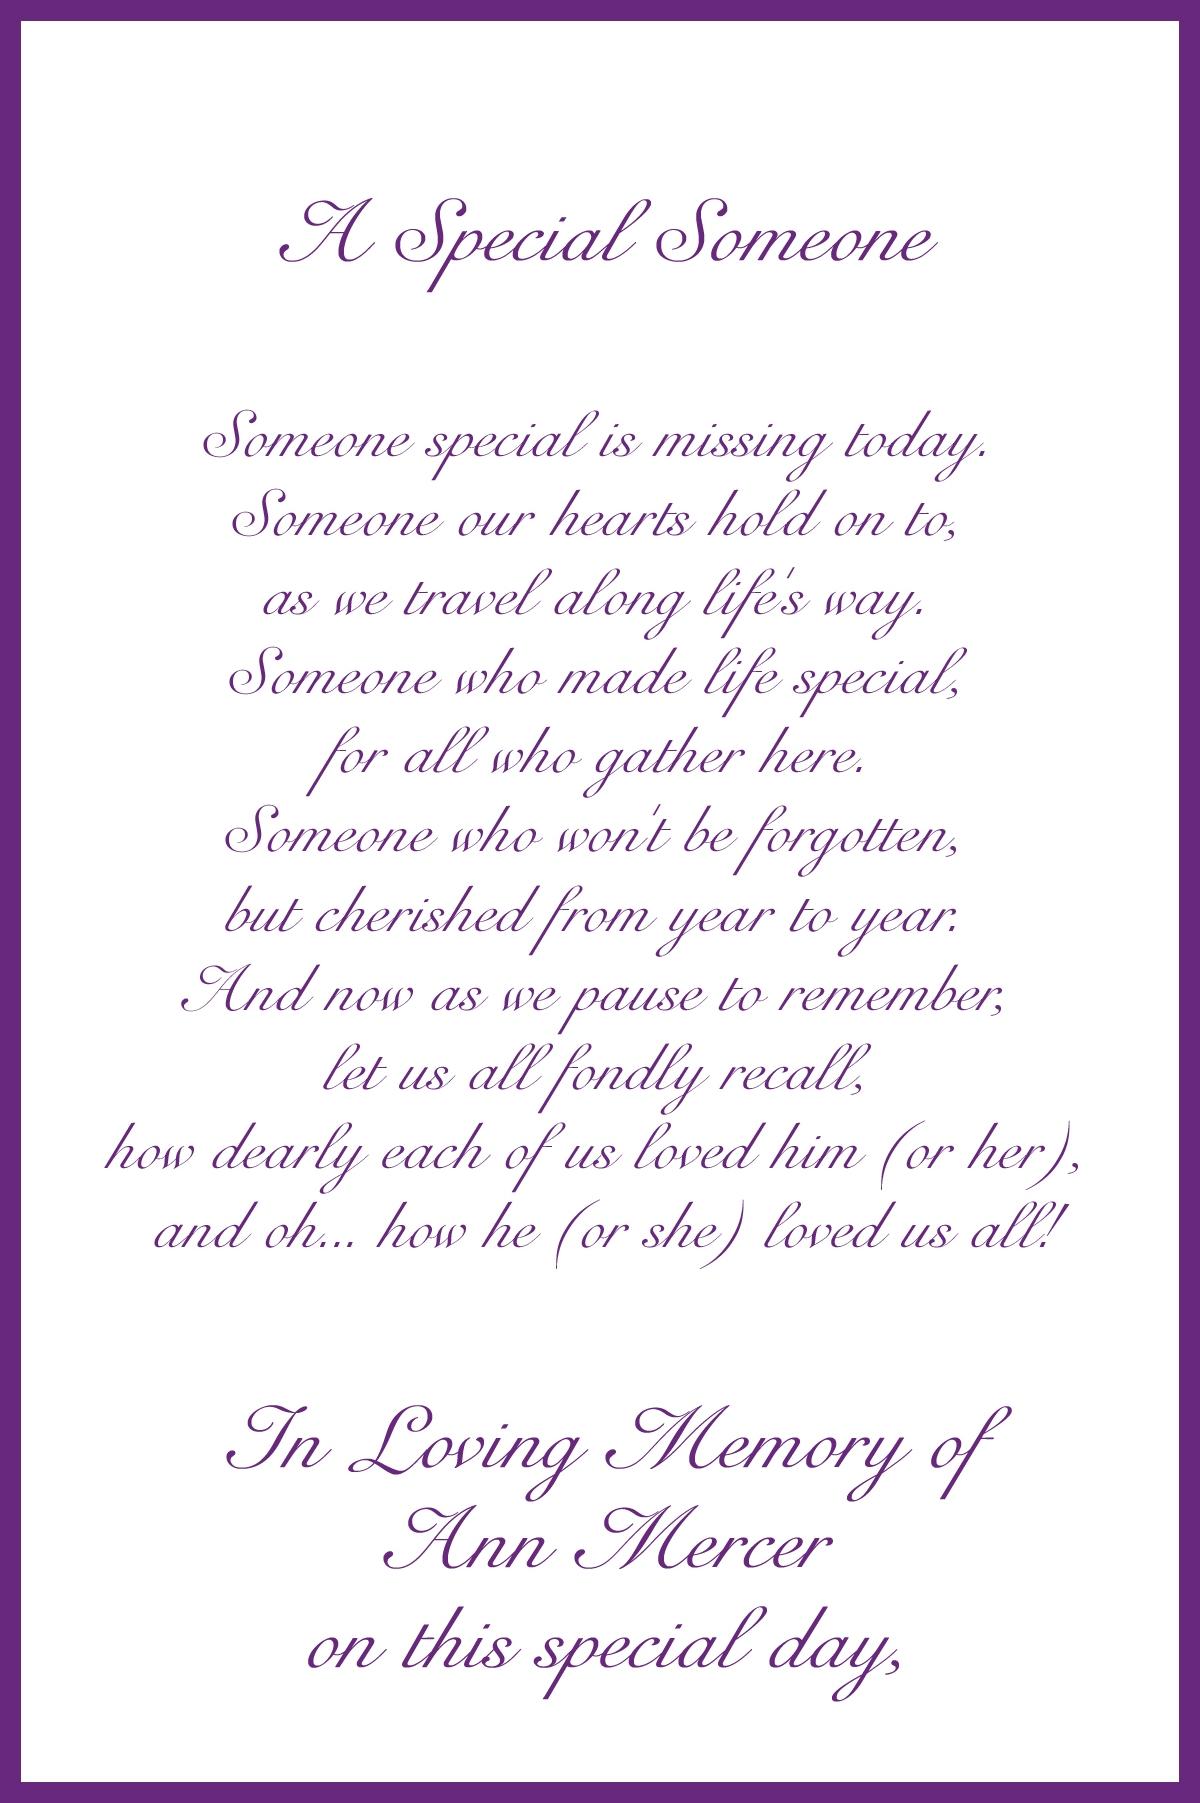 Memorial Card Poems 2